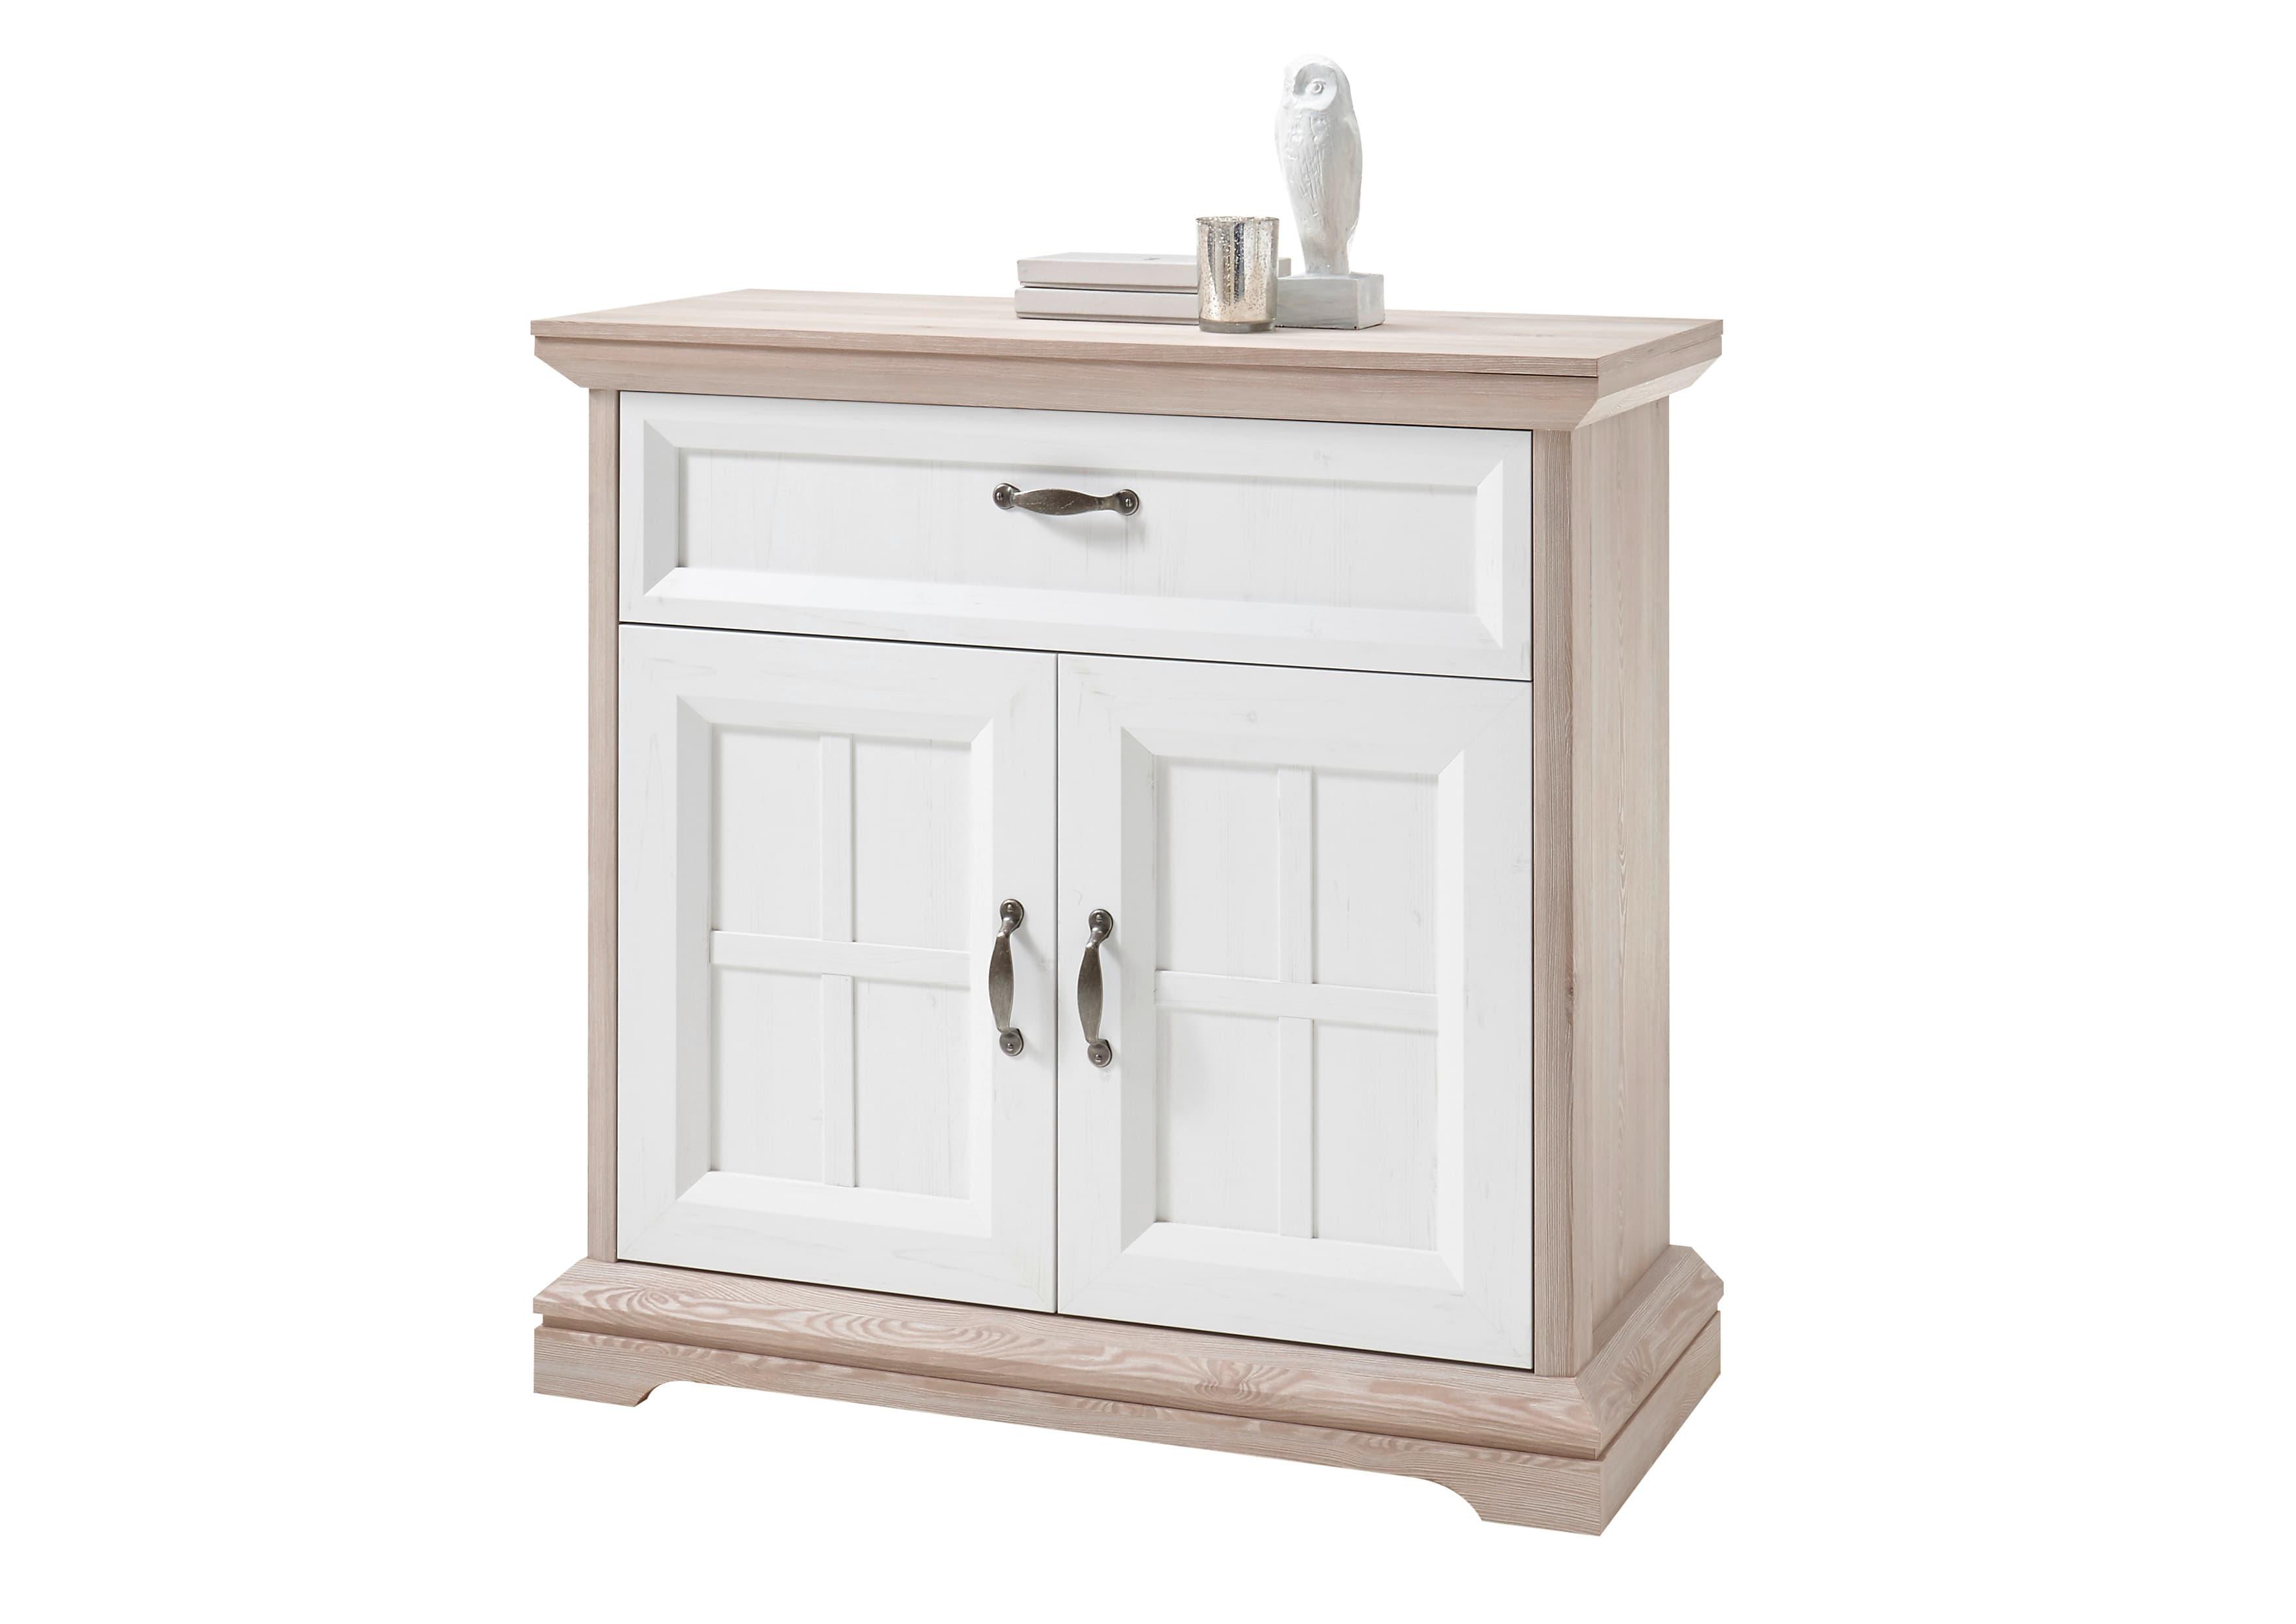 Cabinet hol din pal, cu 2 usi si 1 sertar, Ava Alb / Stejar, l100xA43xH99 cm imagine